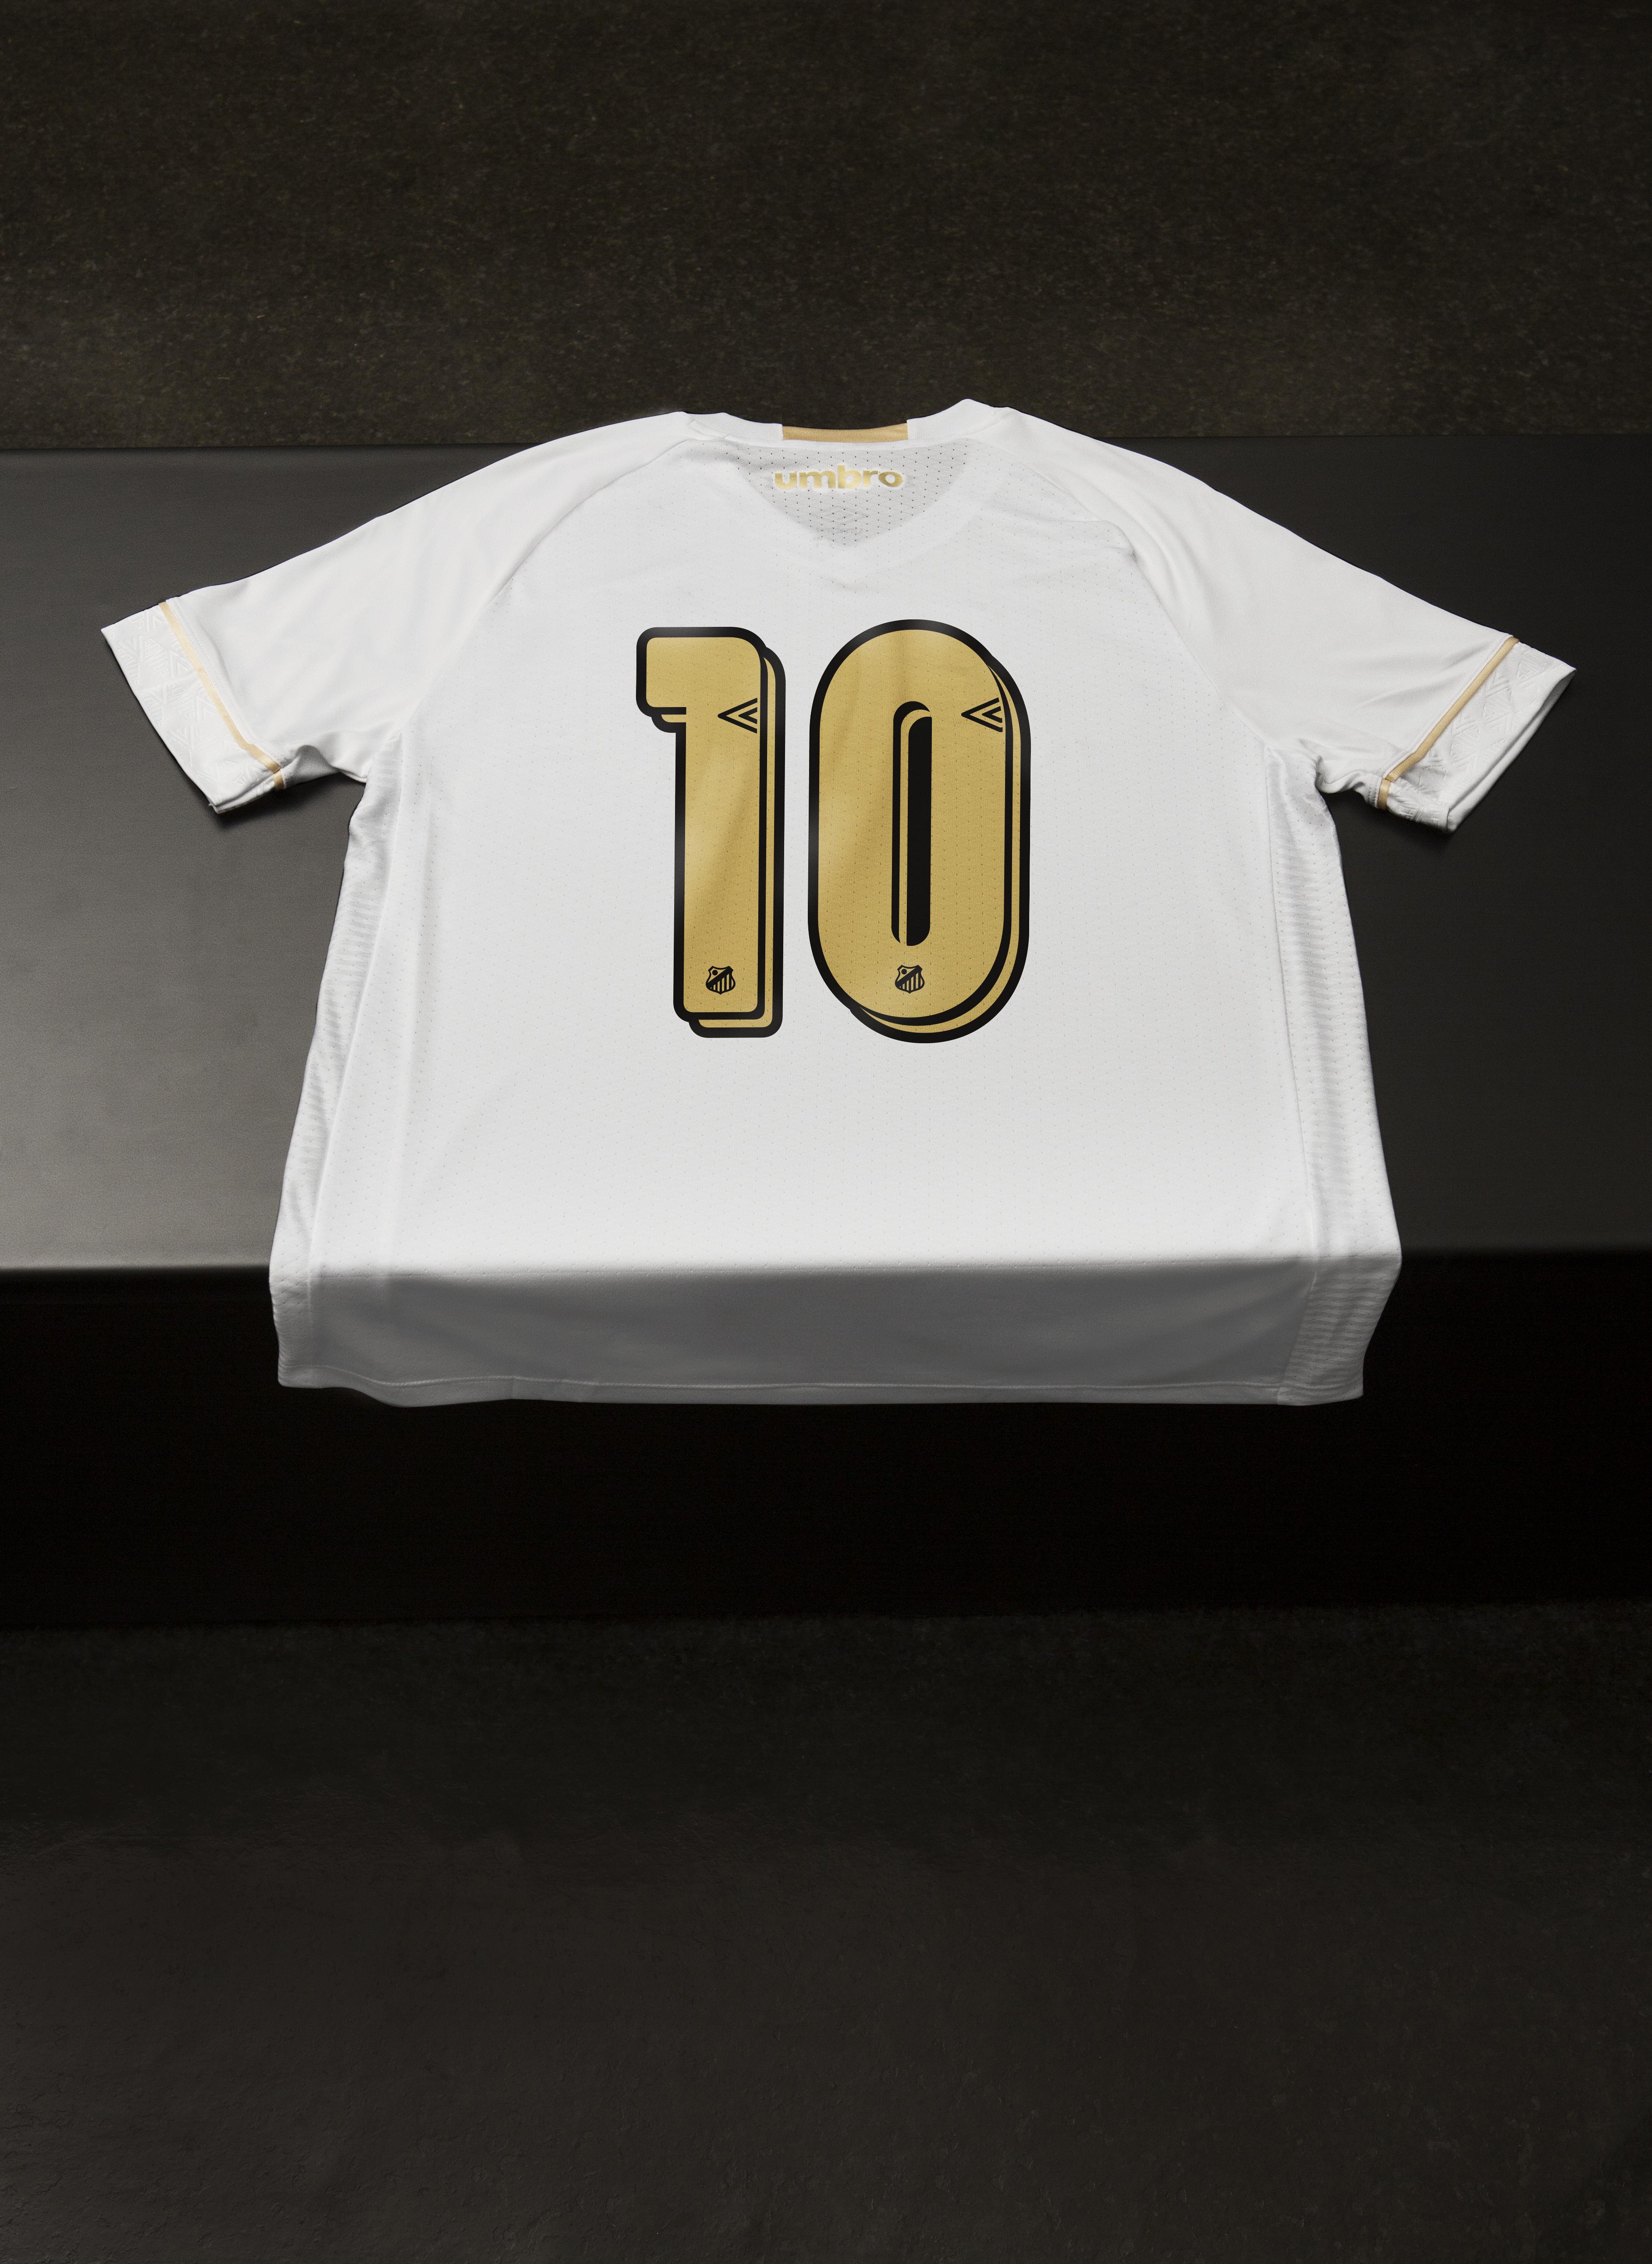 Já para camisa oficial 2 a escolha foi pelo listrado vertical preto e  branco 5af18187c0917